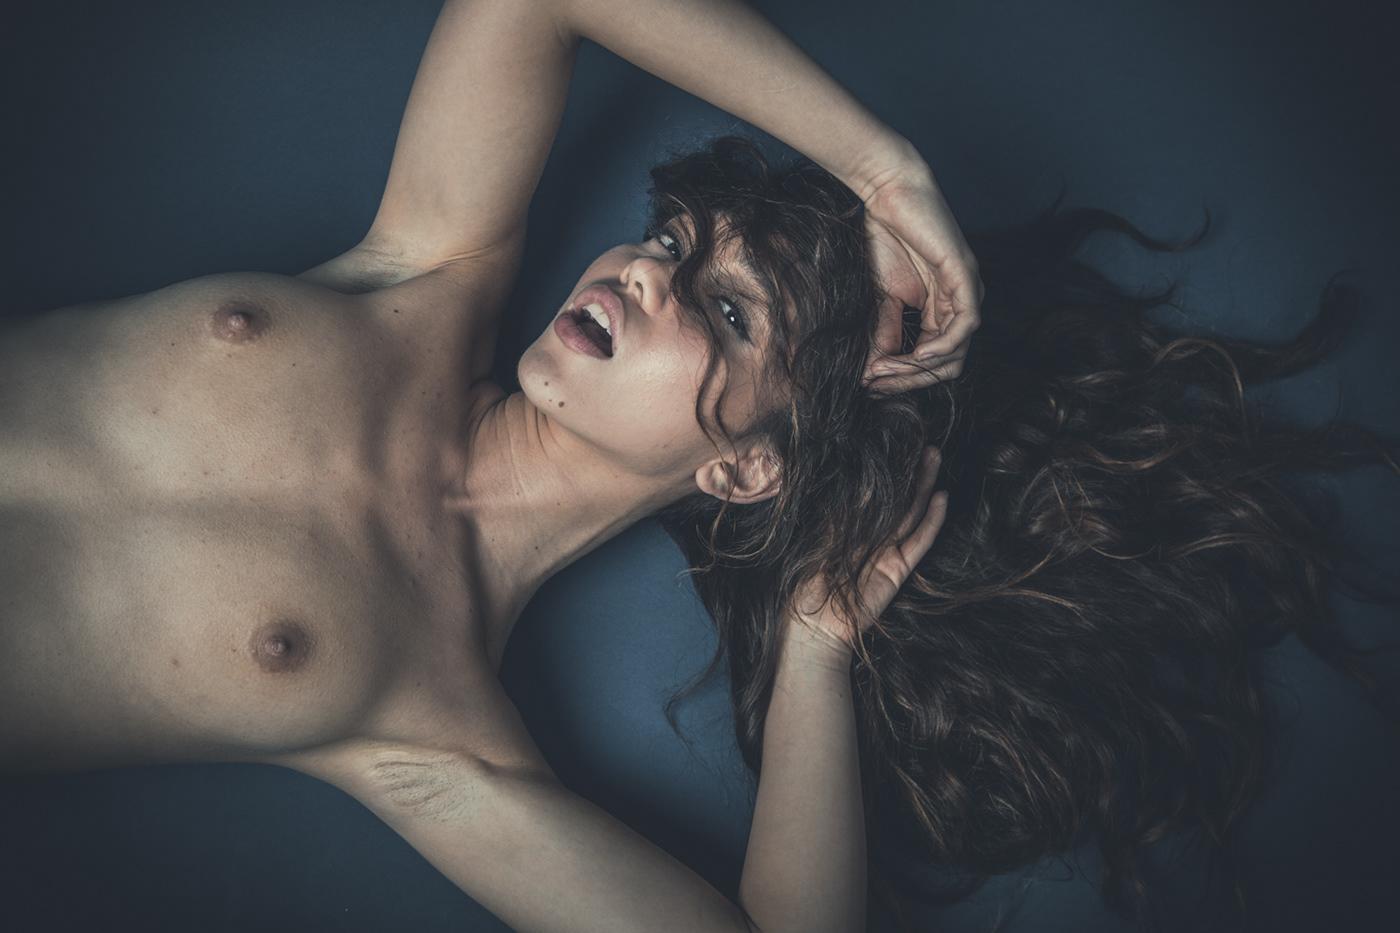 Big hipped nude ass